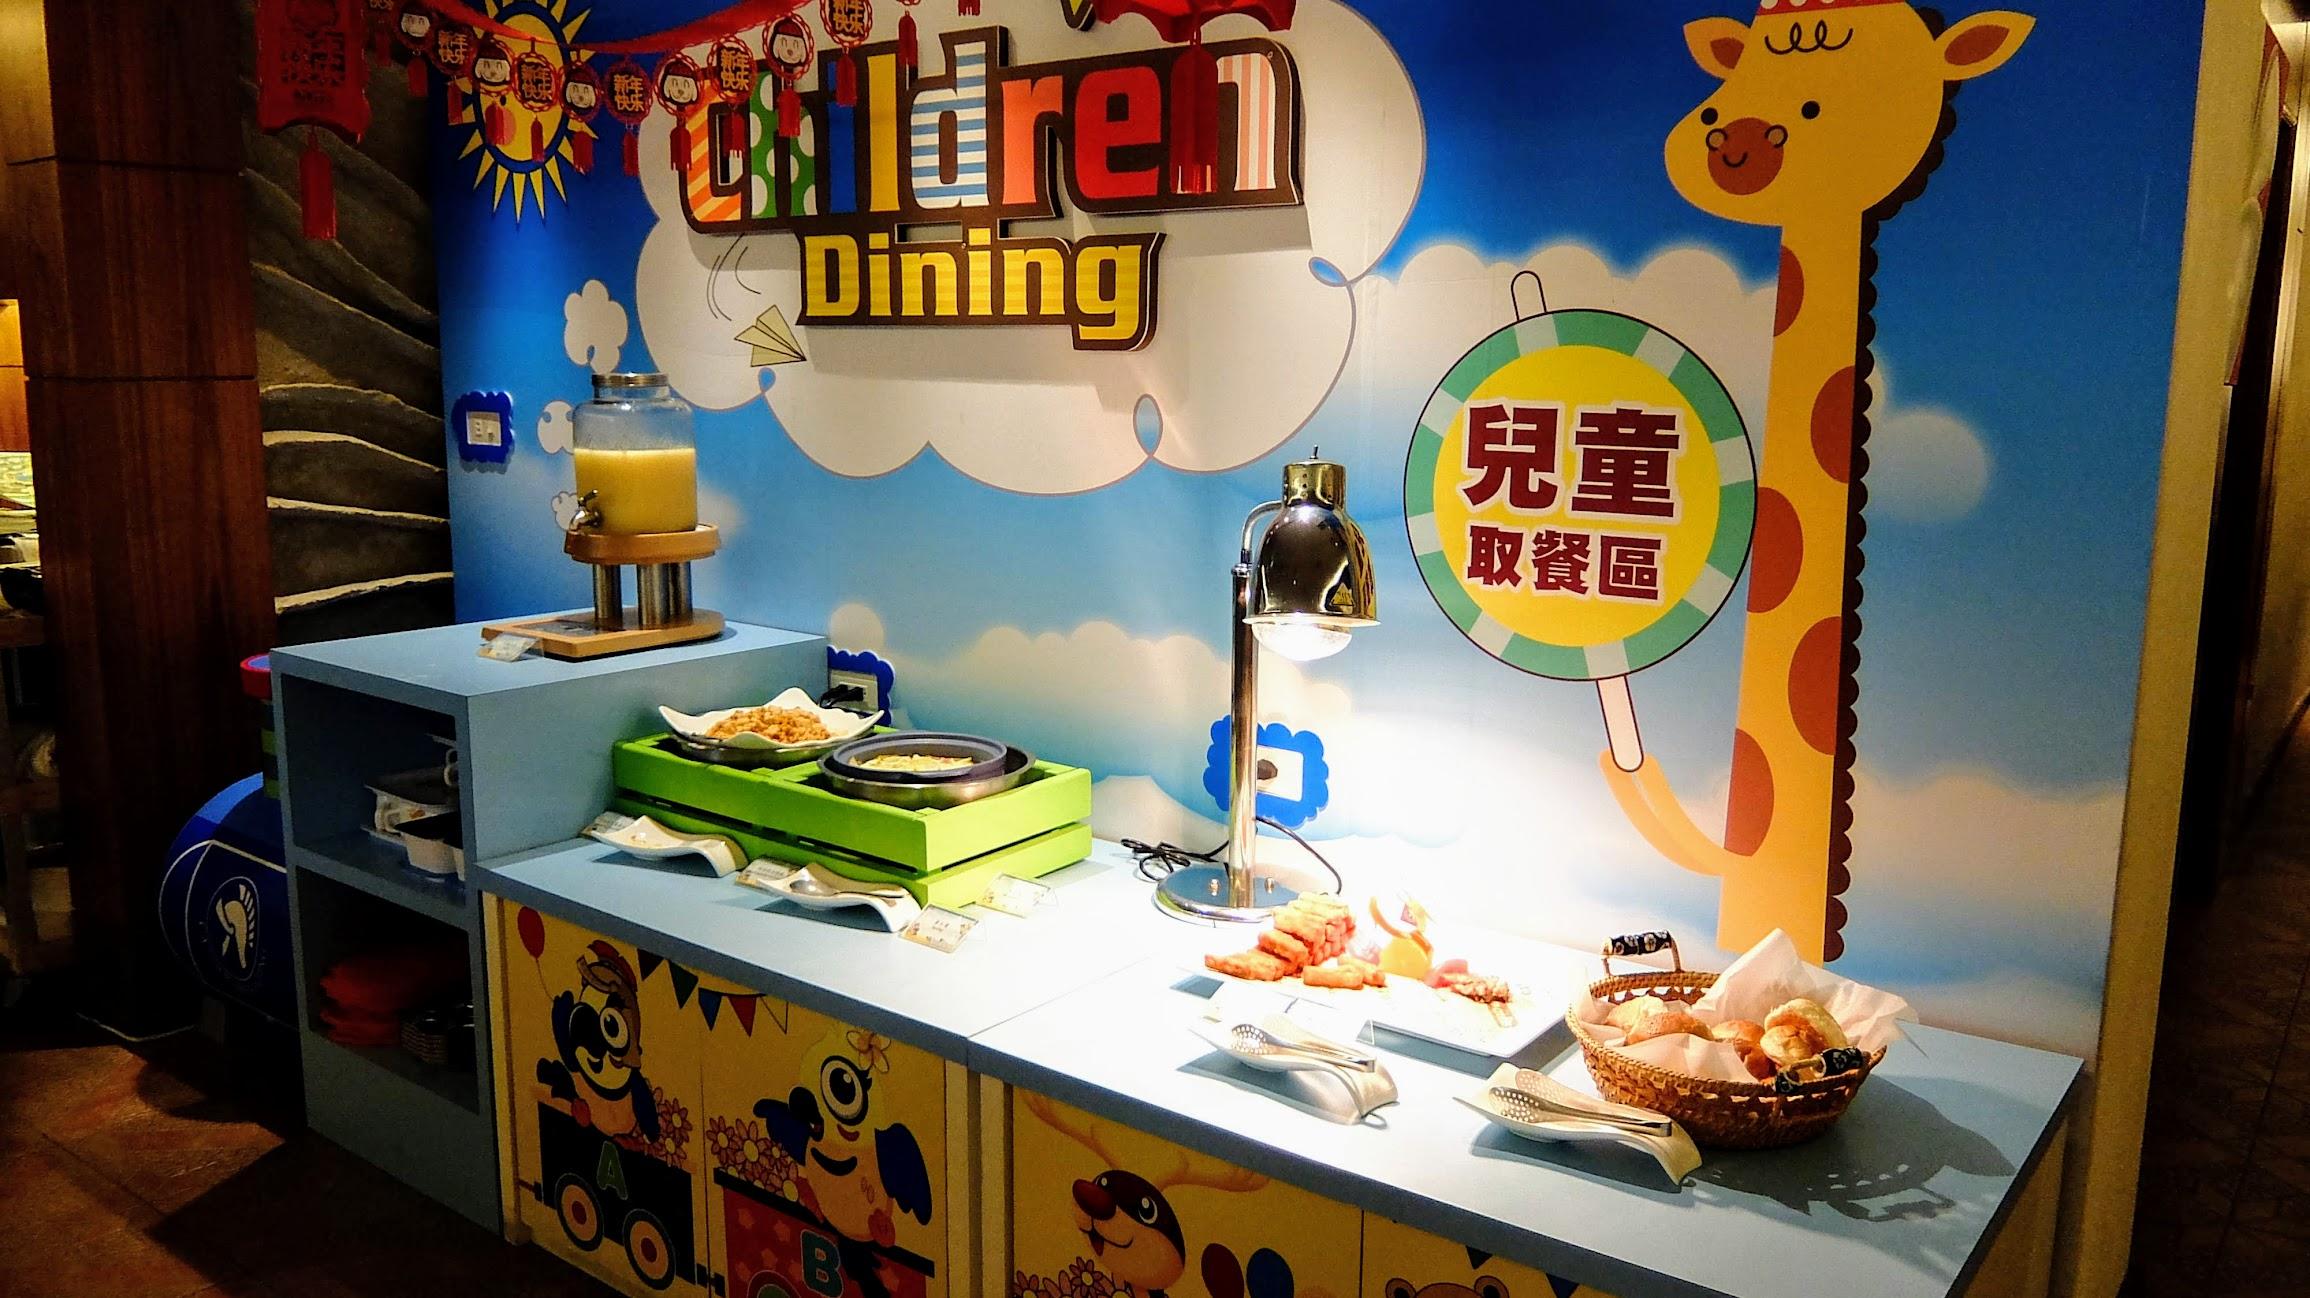 符合小朋友高度的兒童取餐區,是說雖然料不多,但是都是小孩子愛的雞塊薯餅之類的餐,小孩超開心的